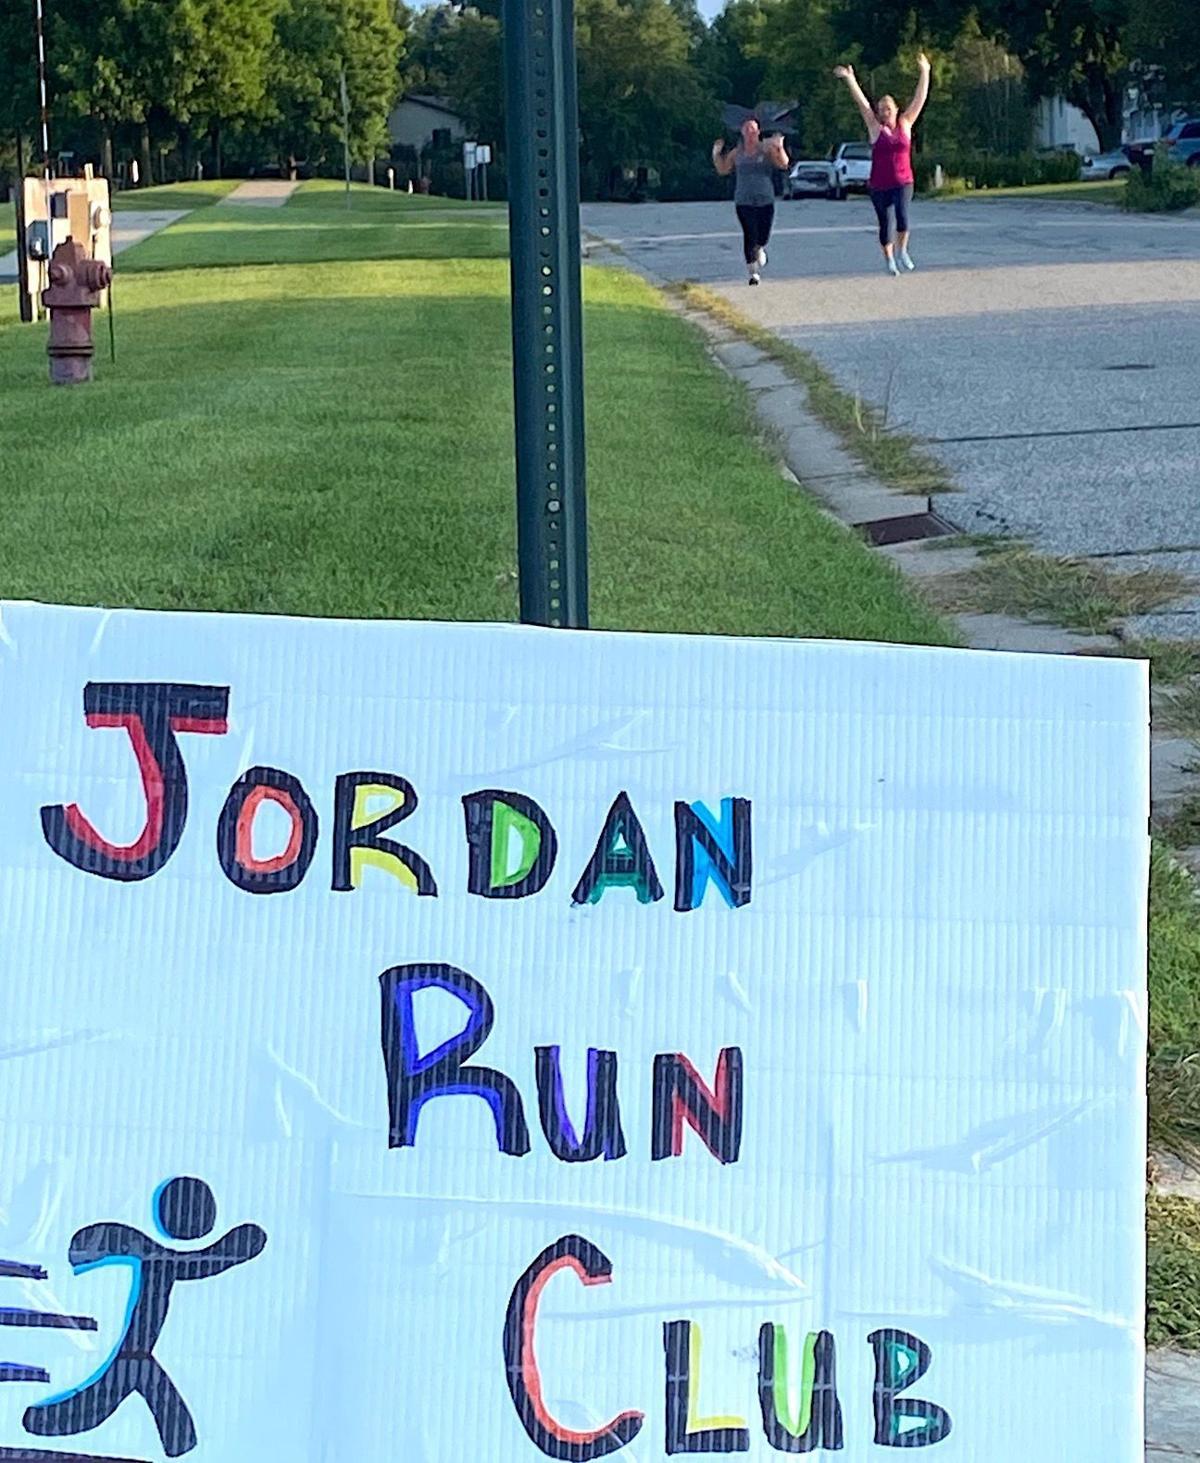 Jordan Run Club